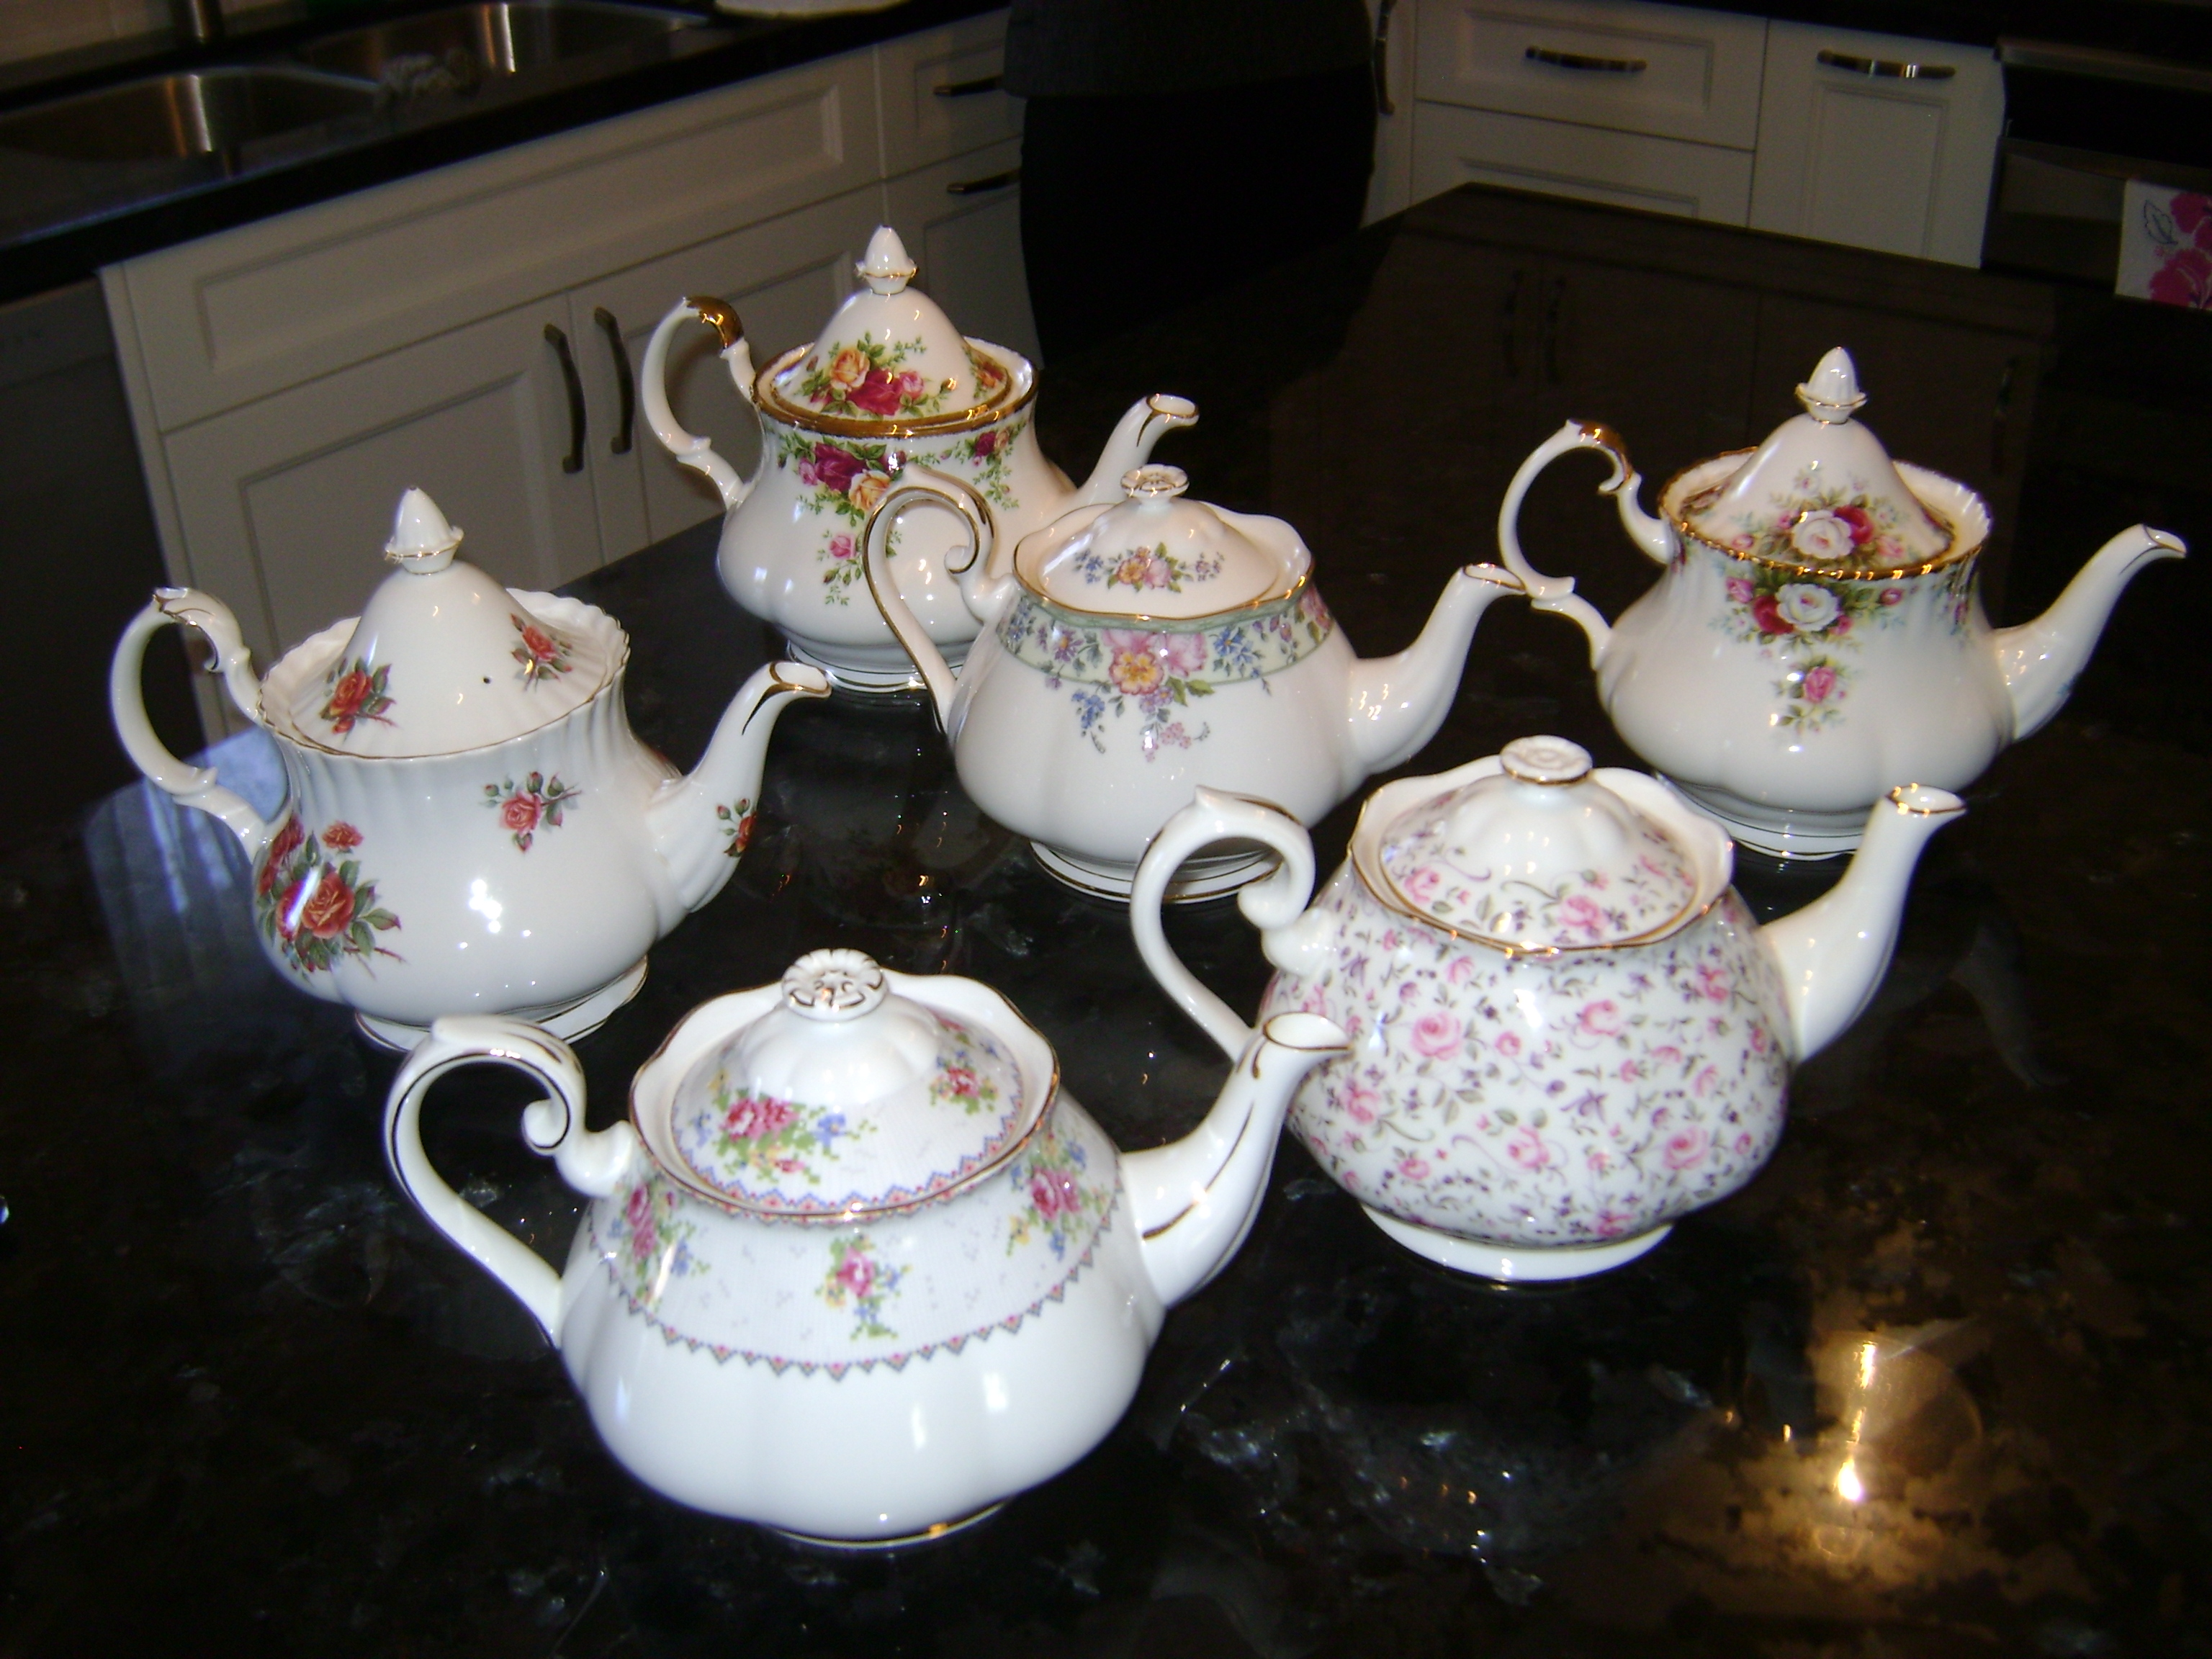 Royal Albert Tea Pots